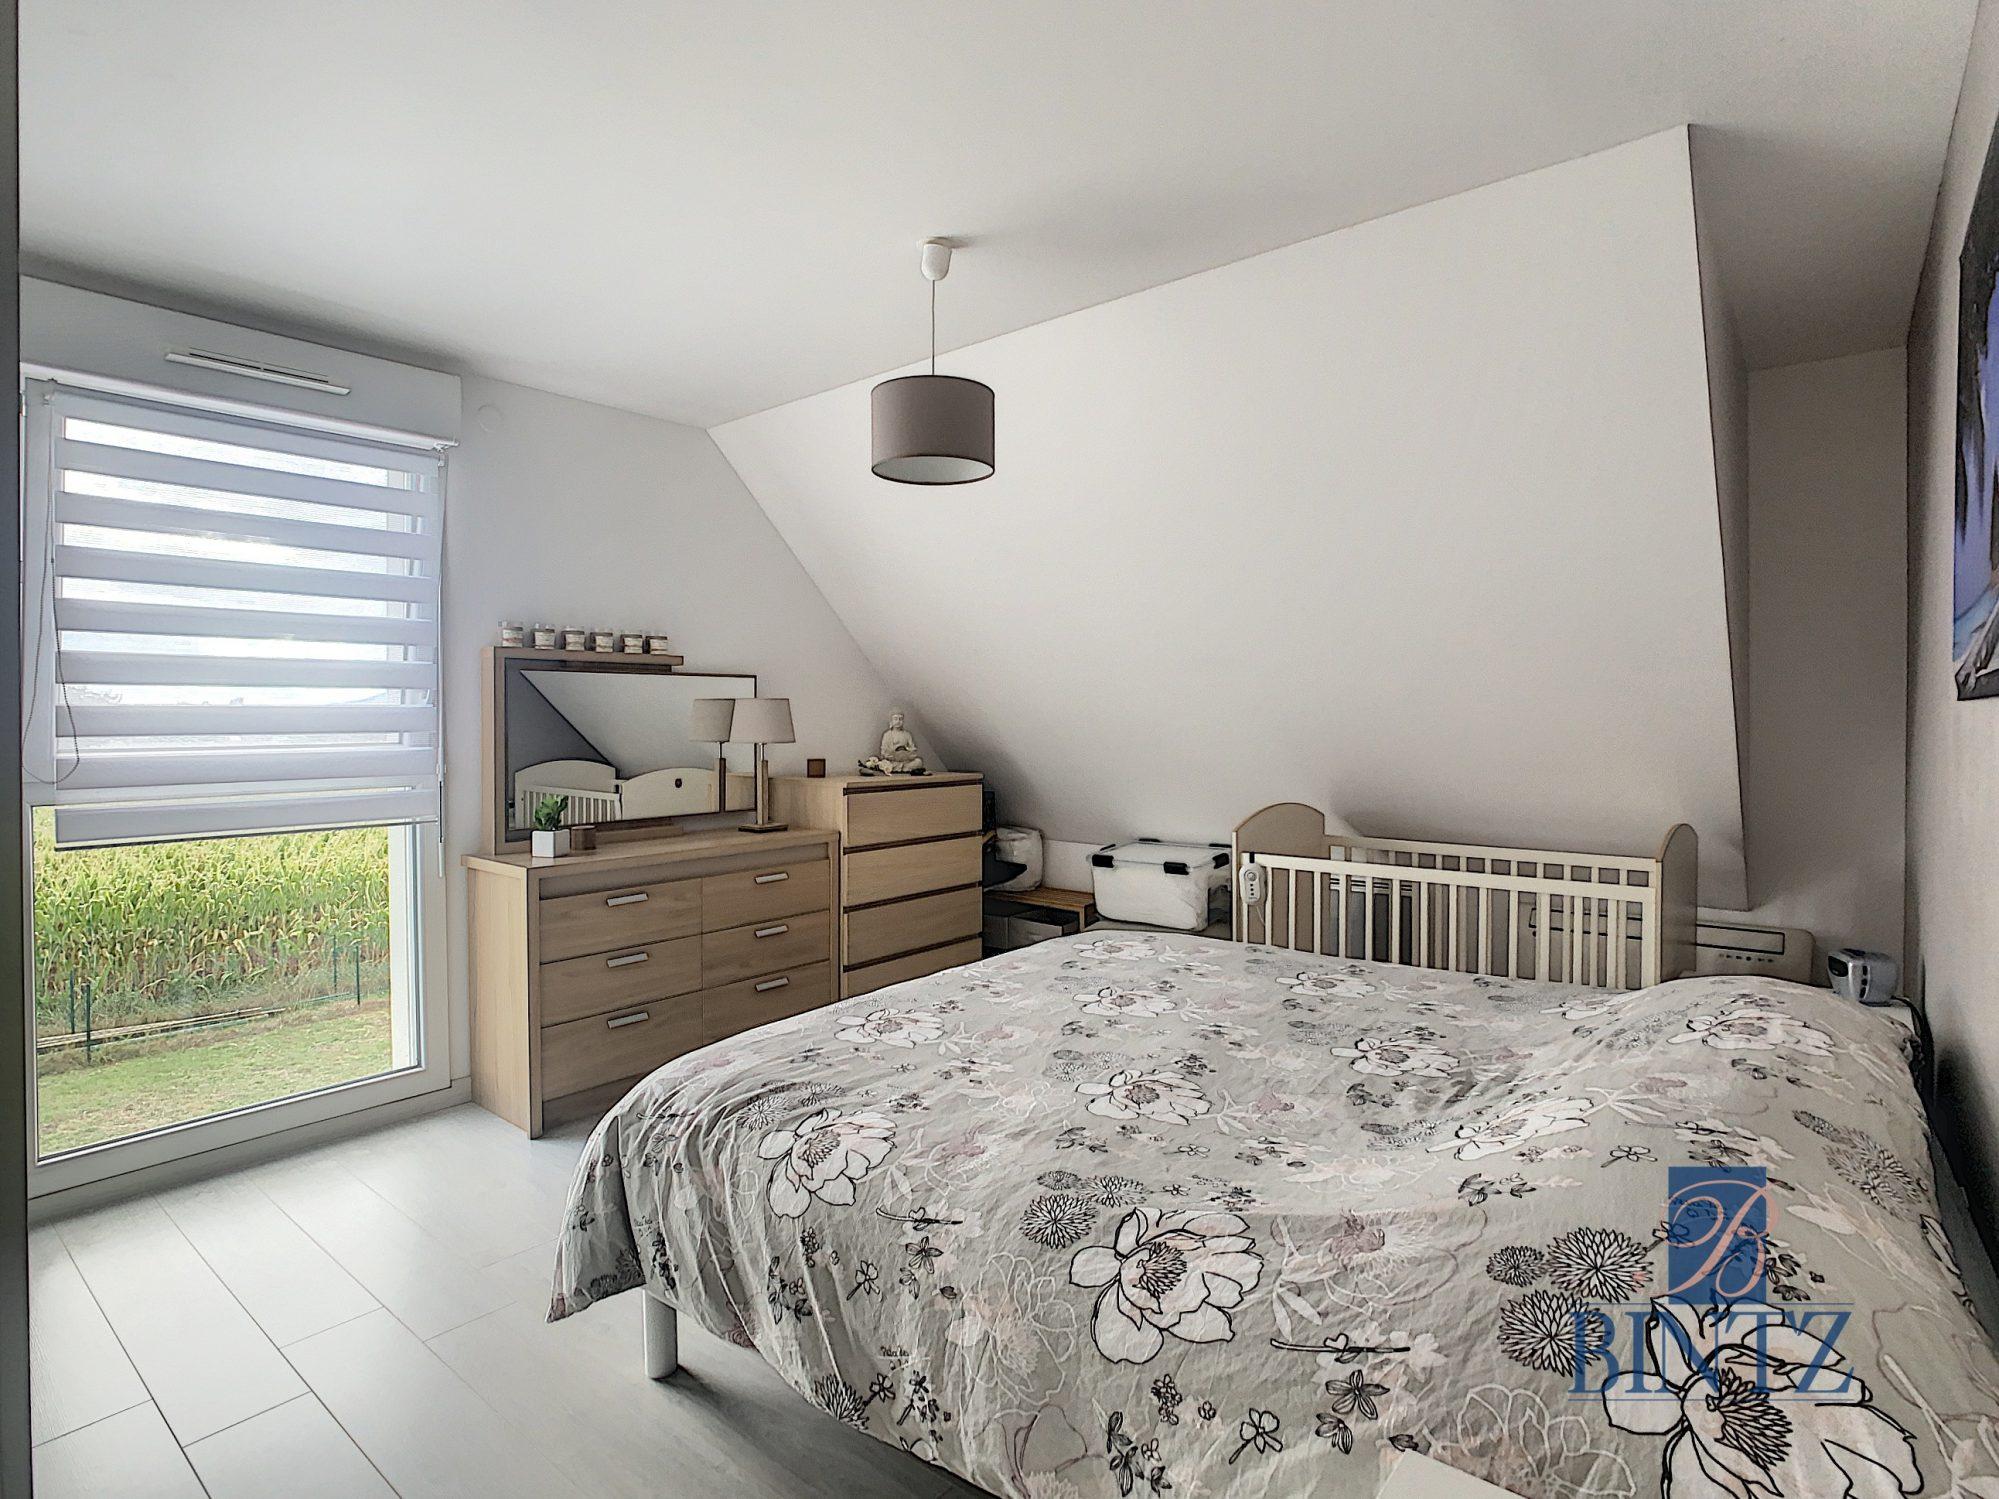 Appartement 4 pièces Duplex rez-de-jardin - Devenez propriétaire en toute confiance - Bintz Immobilier - 13